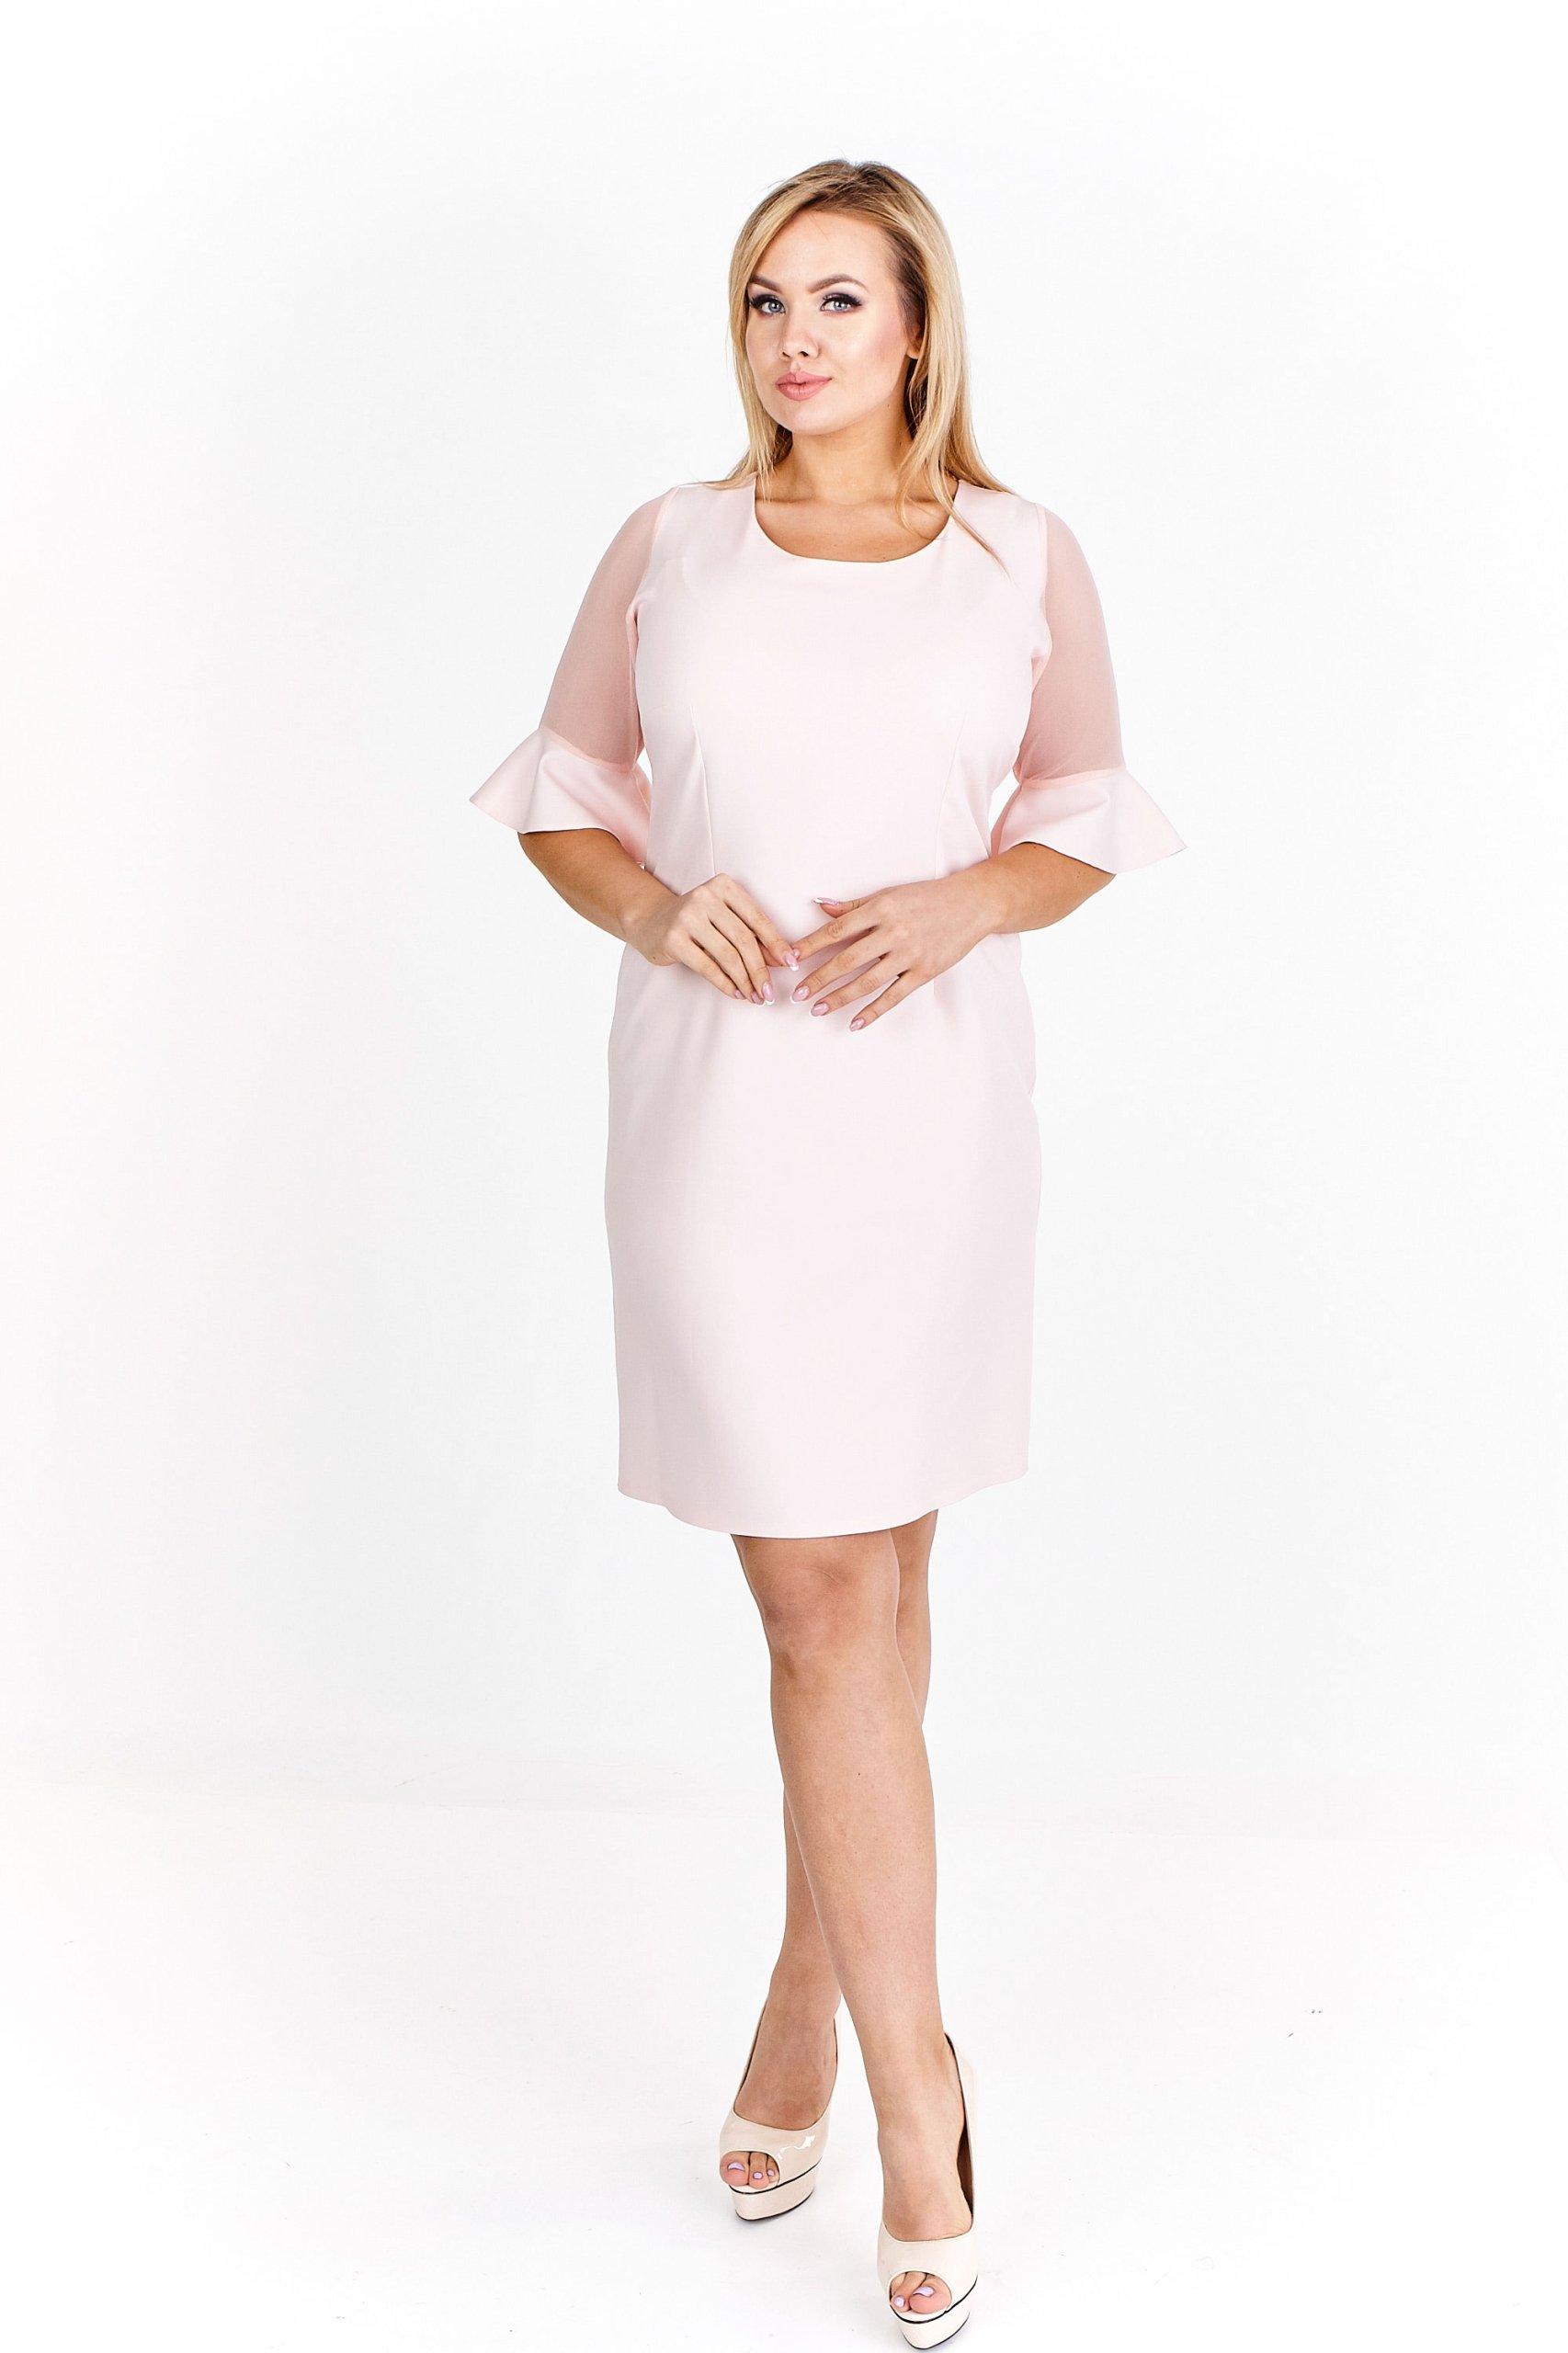 Sukienka Pudełkowa Idealna Na Wesele Poprawiny 18 7352520559